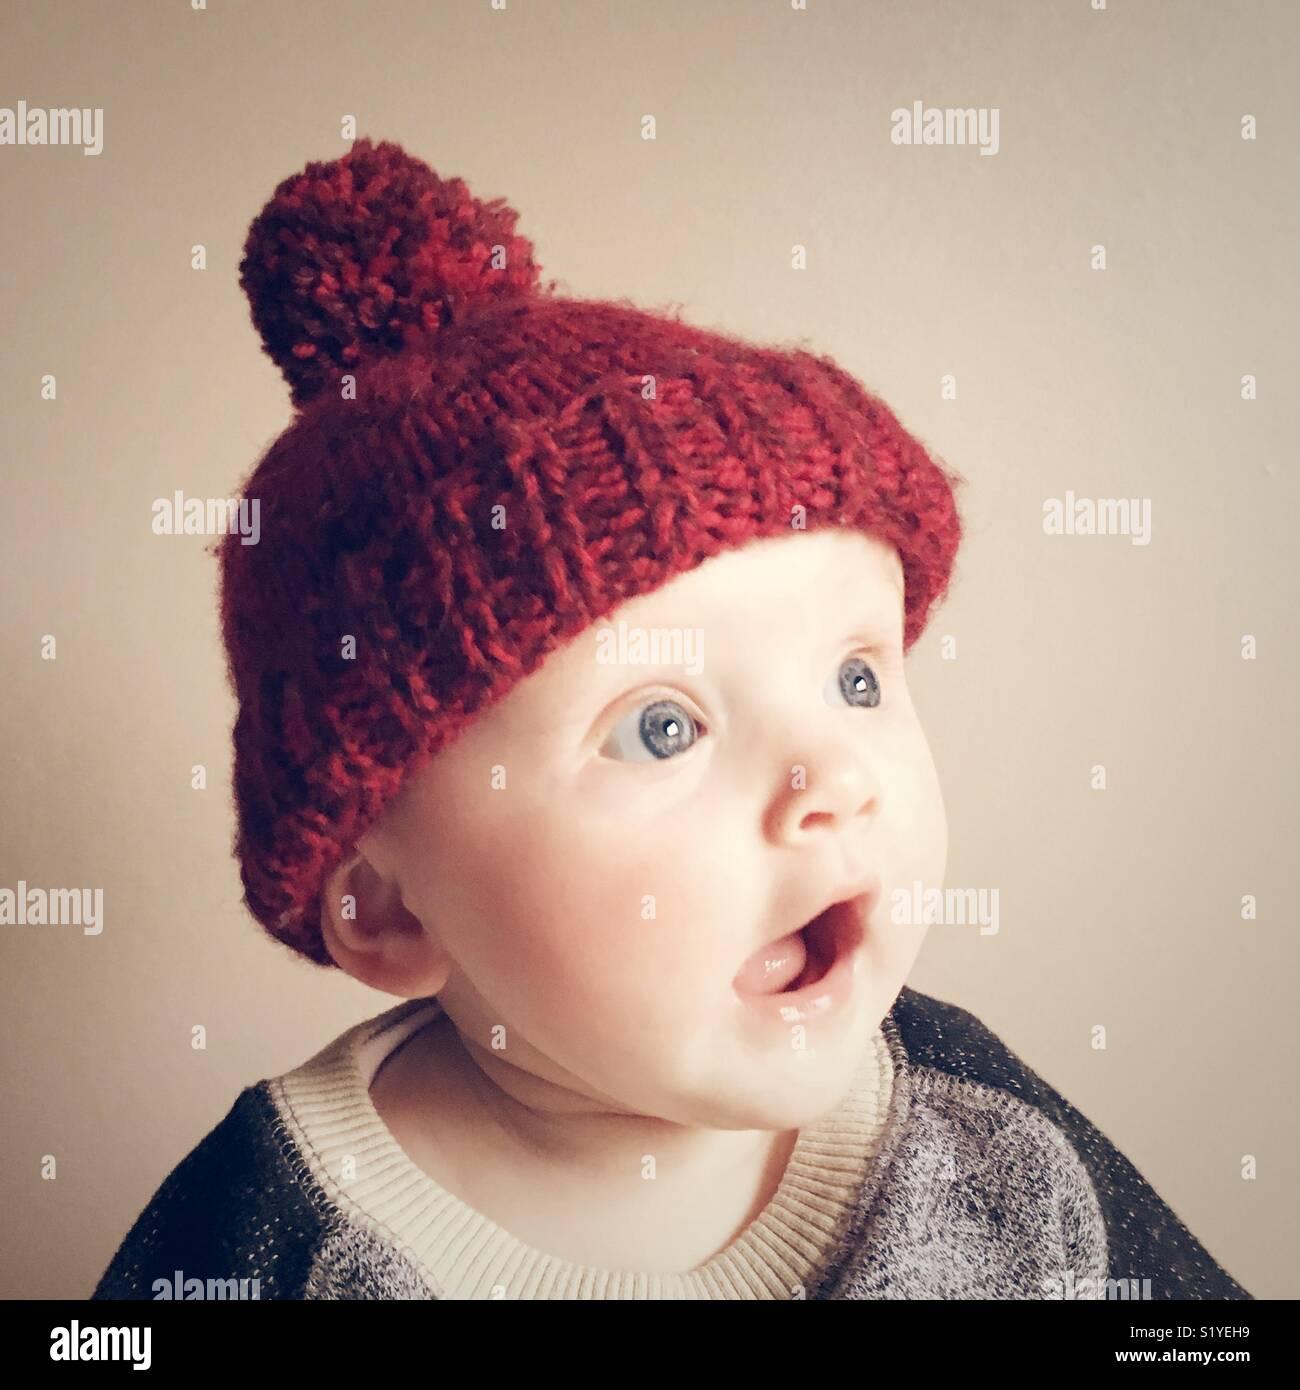 Bébé portant un chapeau laineux rouge Photo Stock